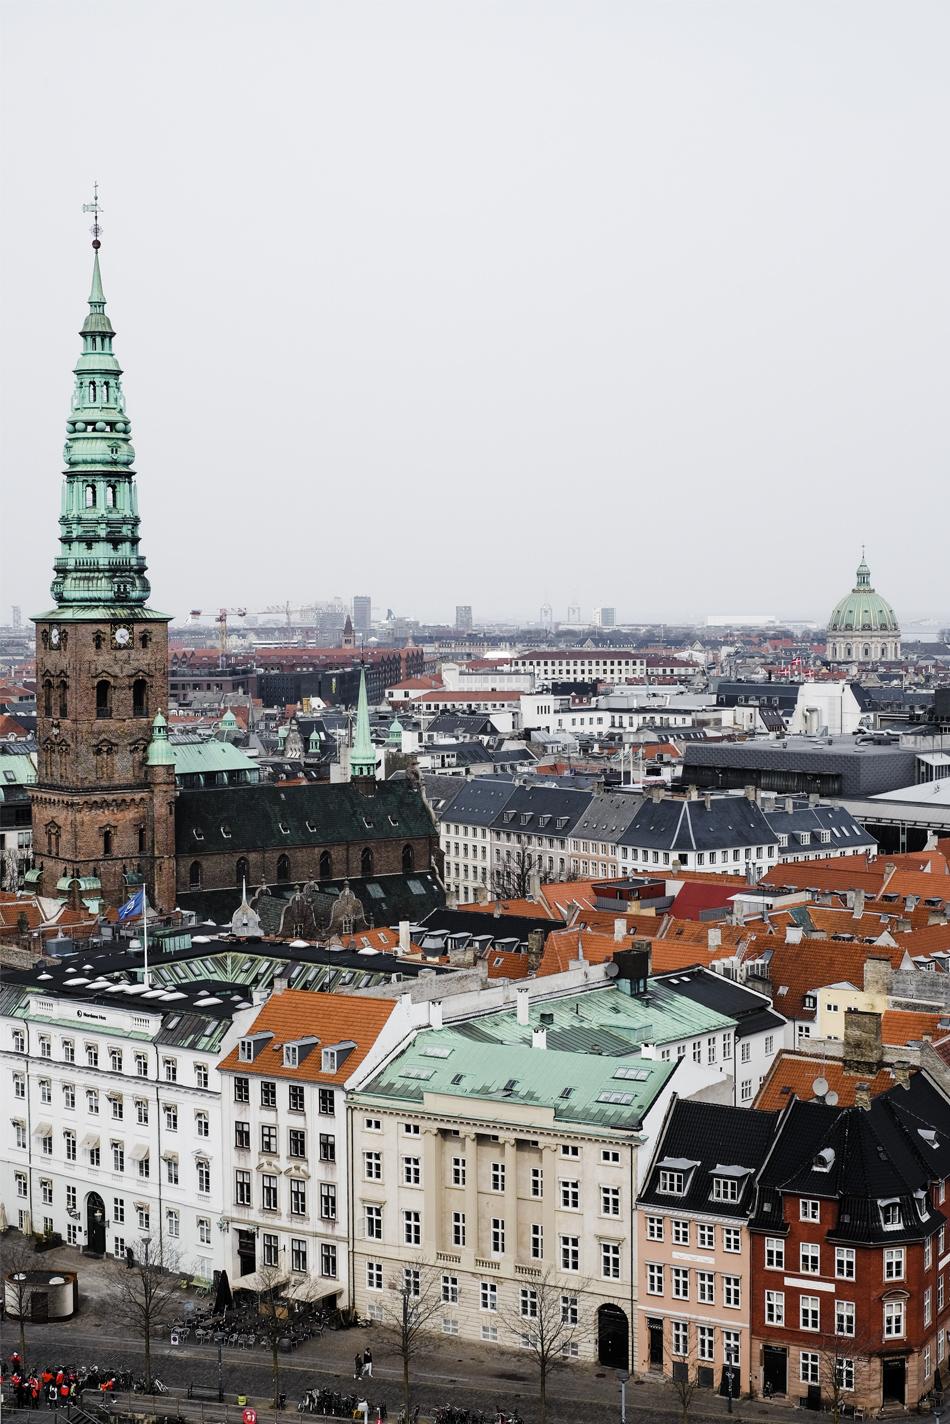 roofs and buildings of copenhagen